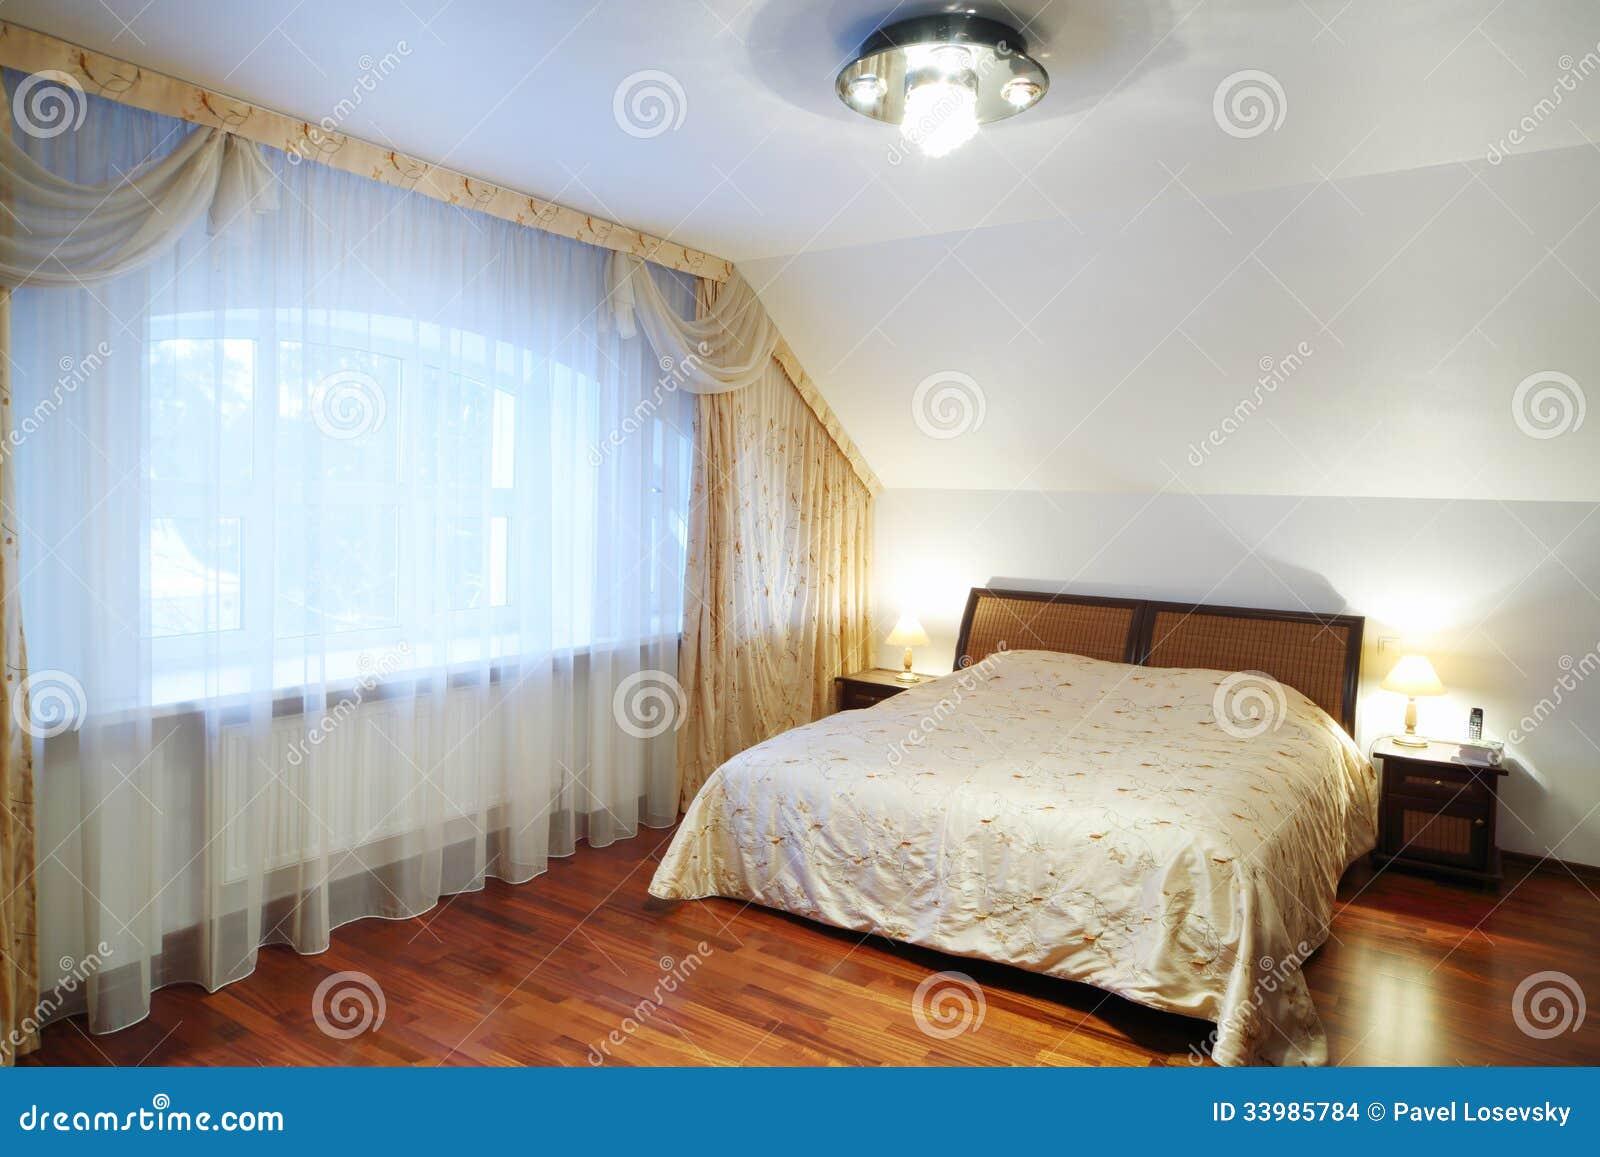 #9E612D Quarto com a cama bonita com tabelas de cabeceira janela grande no  638 Janelas Para Quarto Em Madeira Preço